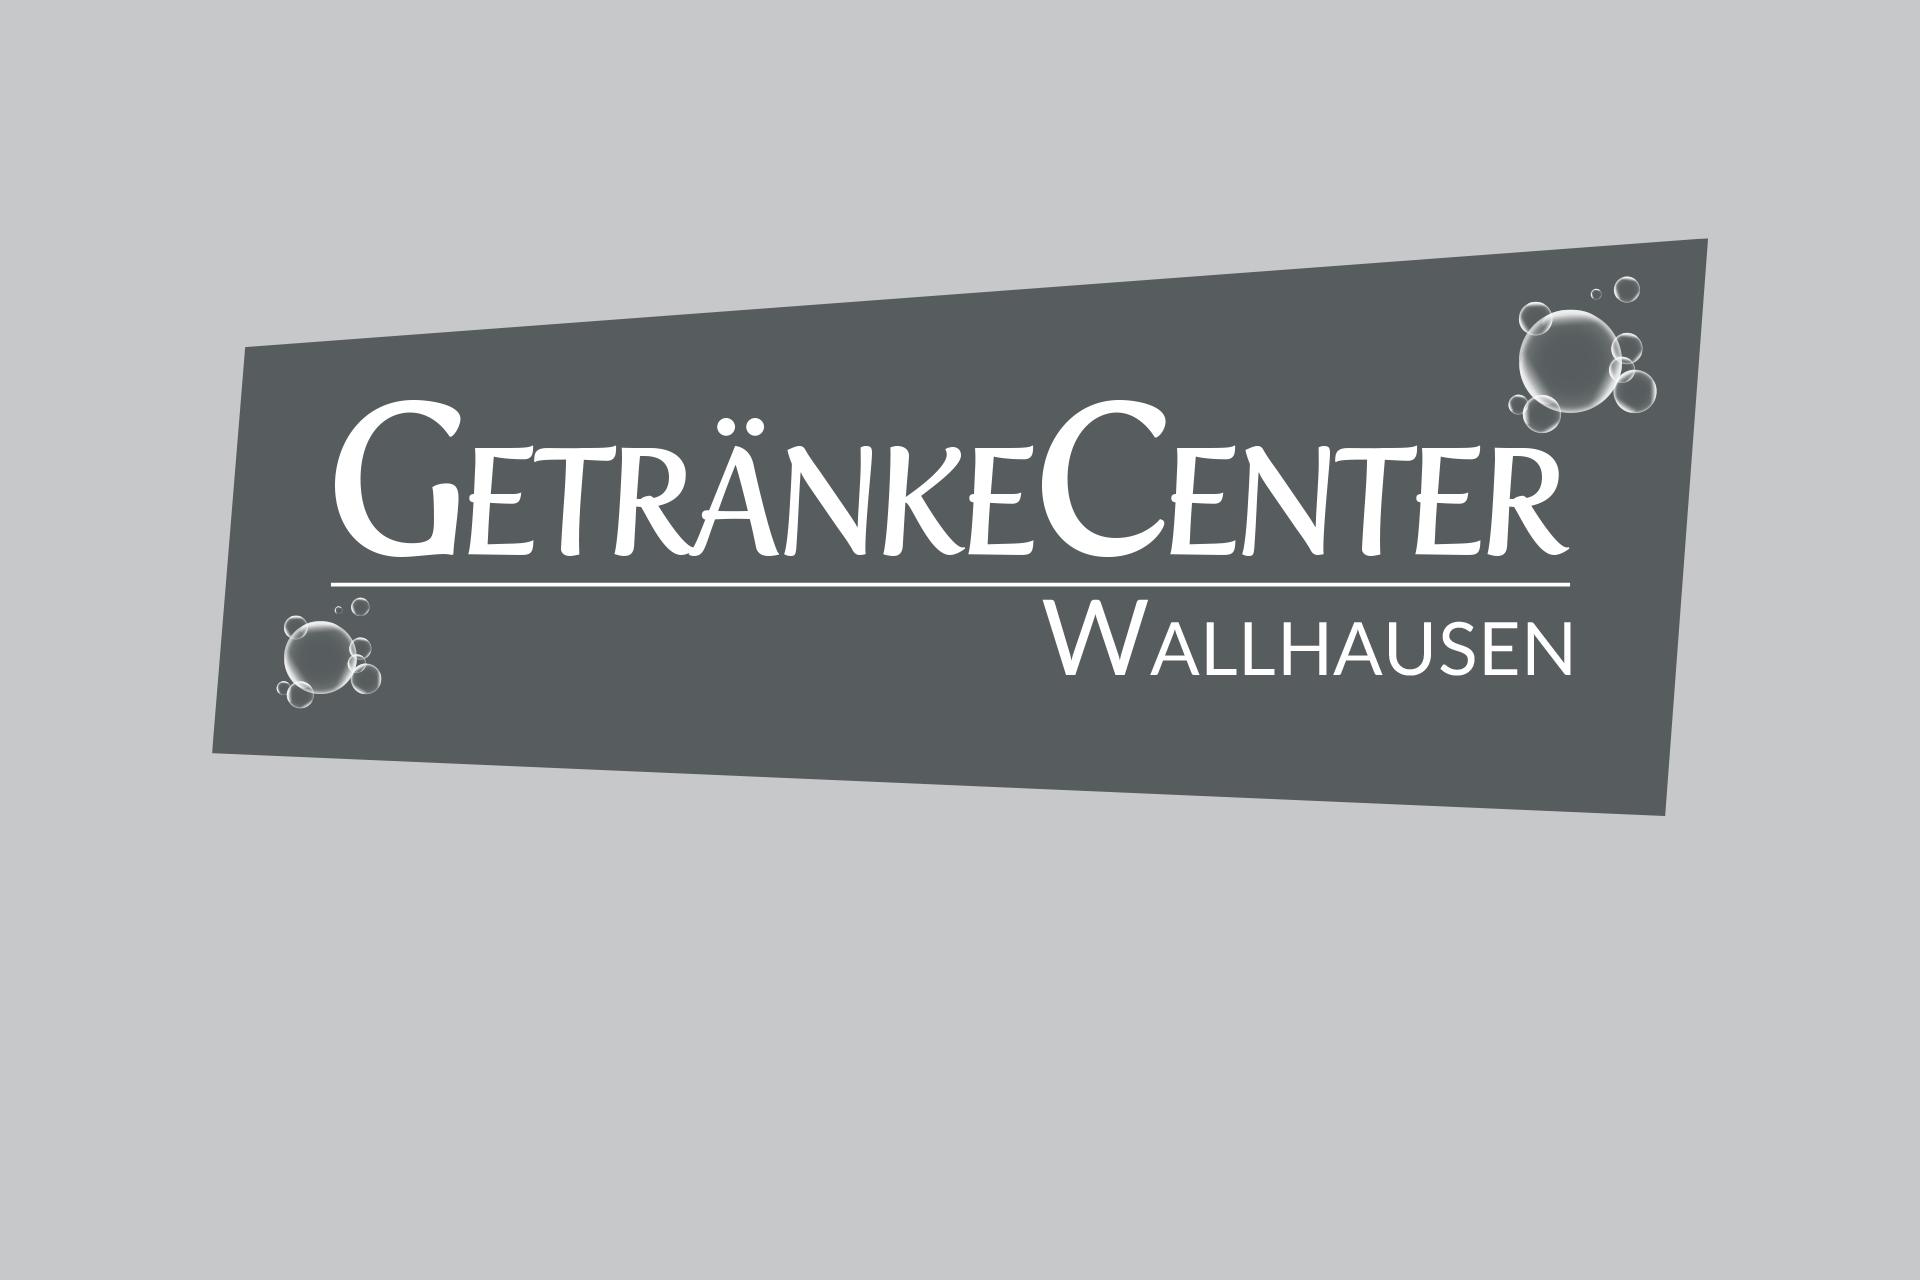 Logo für das Getränkecenter Ley in Wallhausen